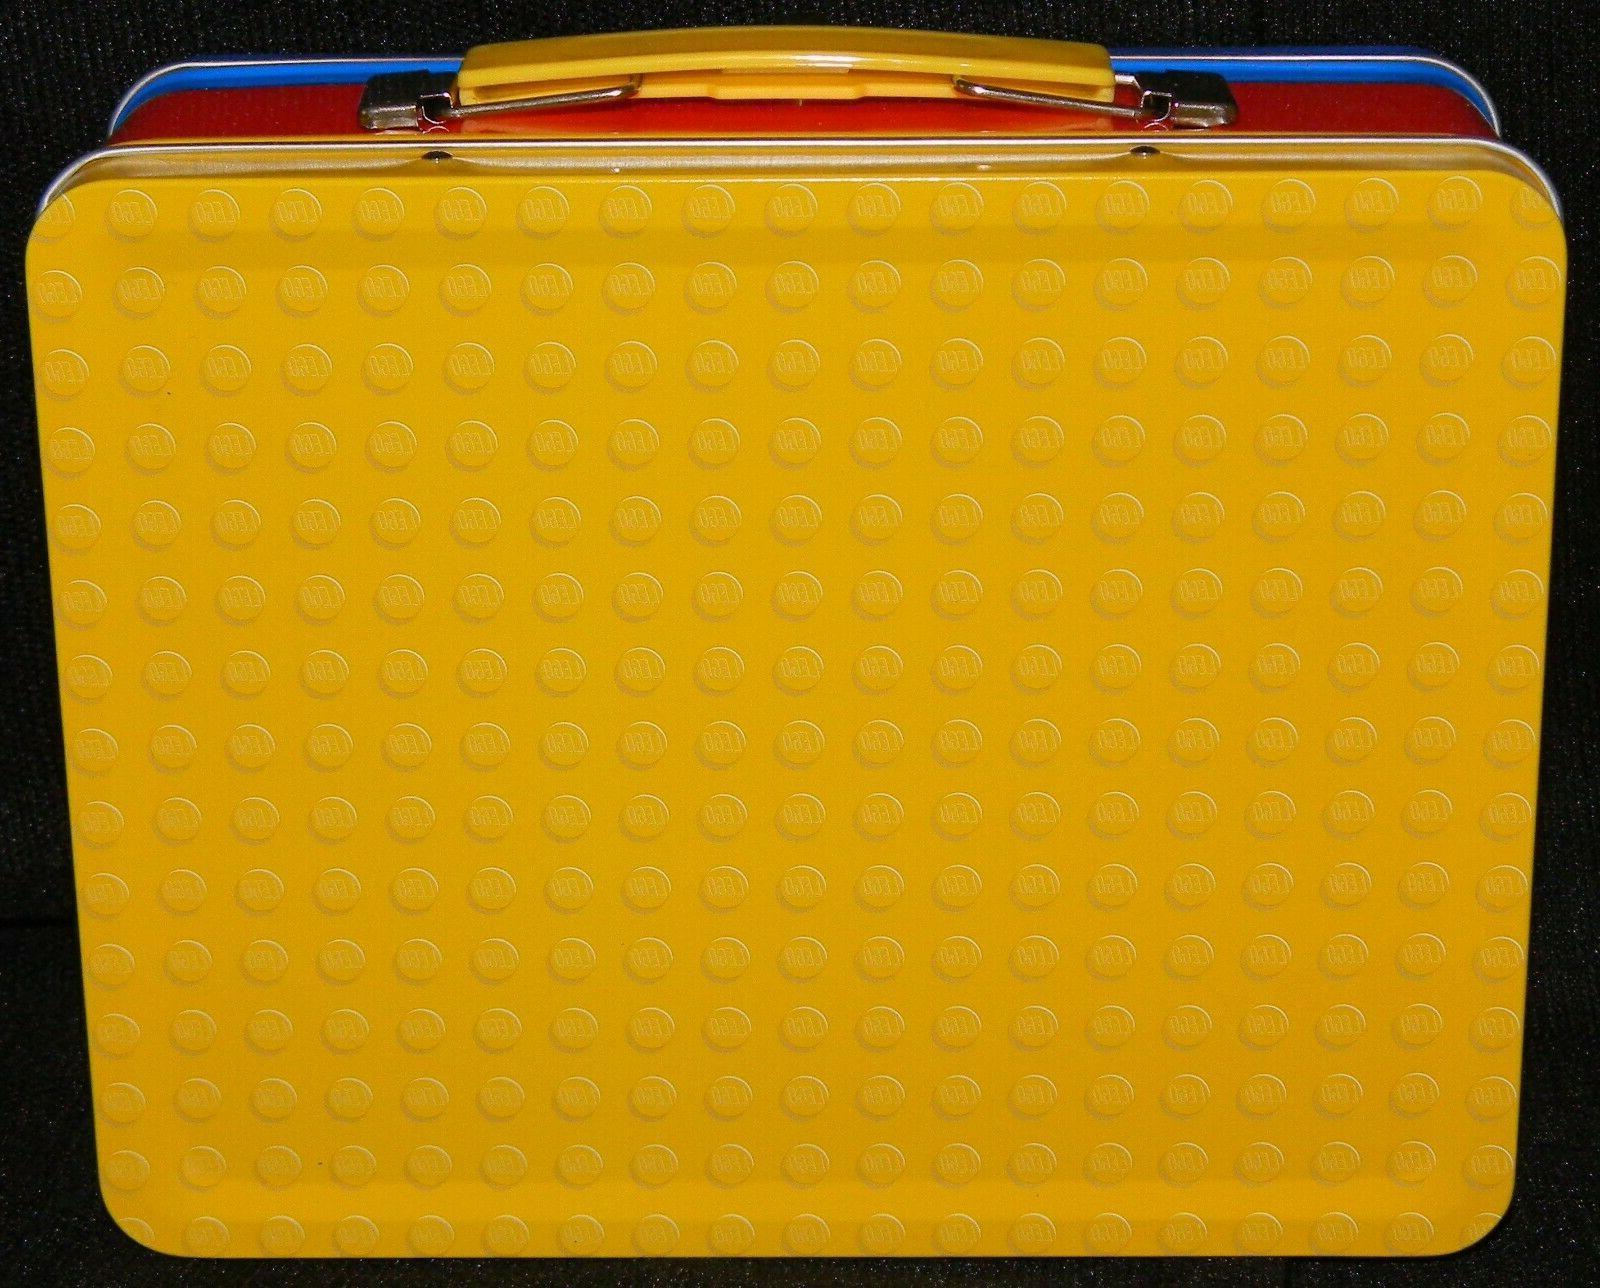 NEW! LEGO BOX EXCLUSIVE